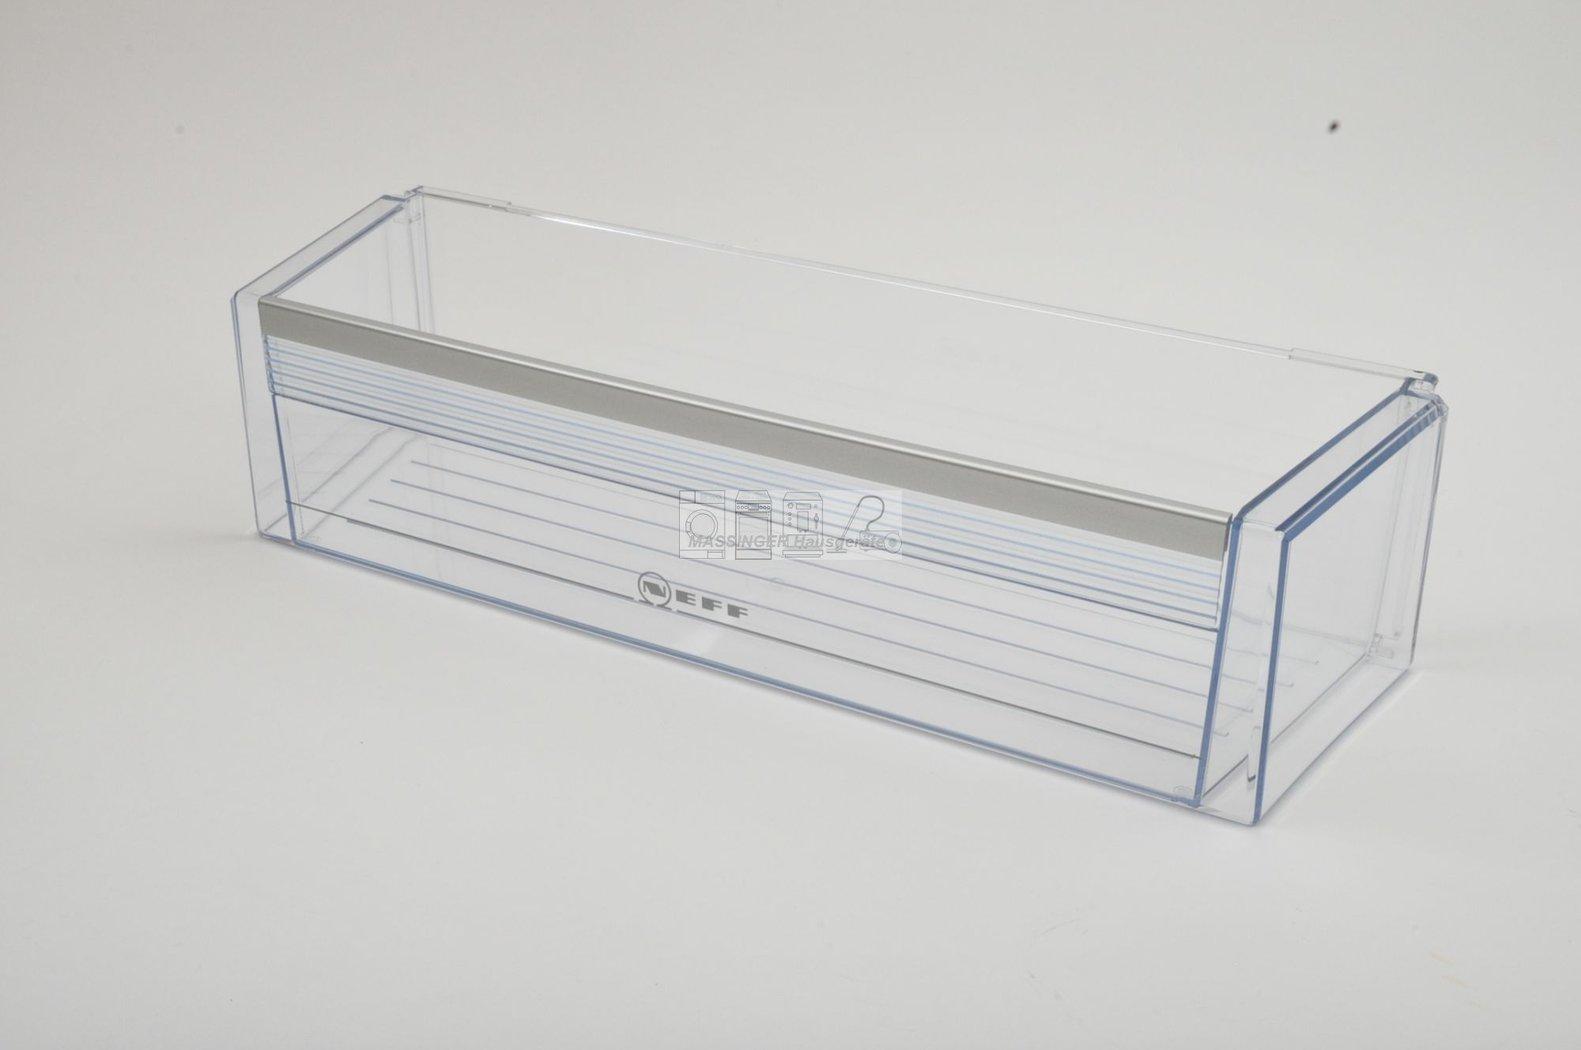 Siemens Kühlschrank Ersatzteile Glasplatte : Siemens kühlschrank butterfachdeckel ersatzteile f neff